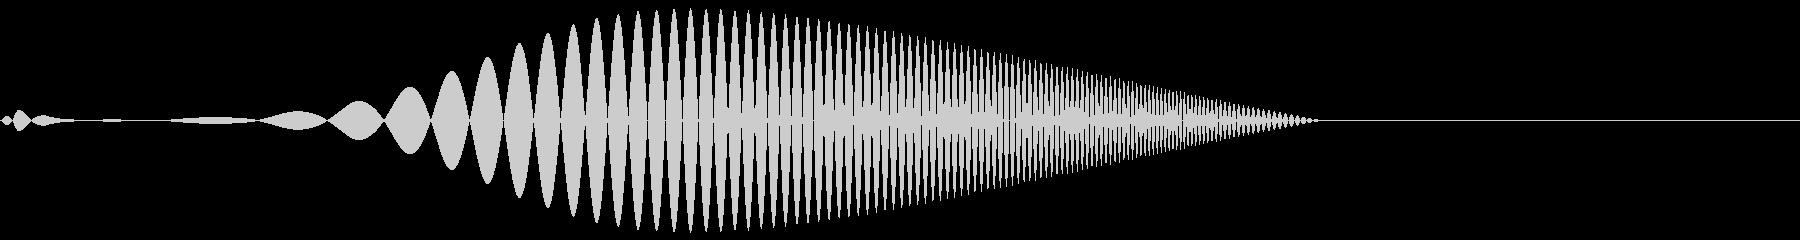 Tool プレゼン映像向け動作SE 2の未再生の波形